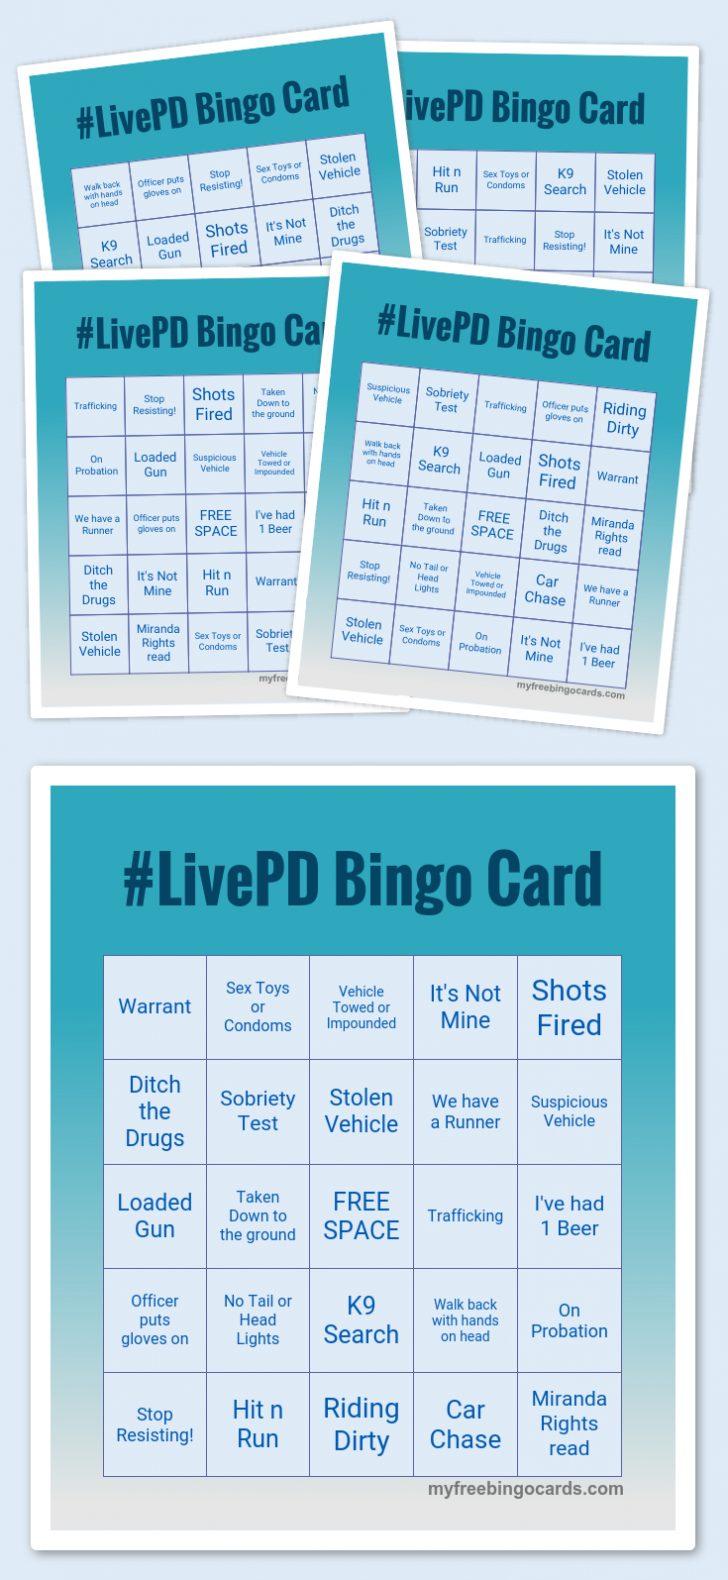 Live Pd Bingo Card Printable